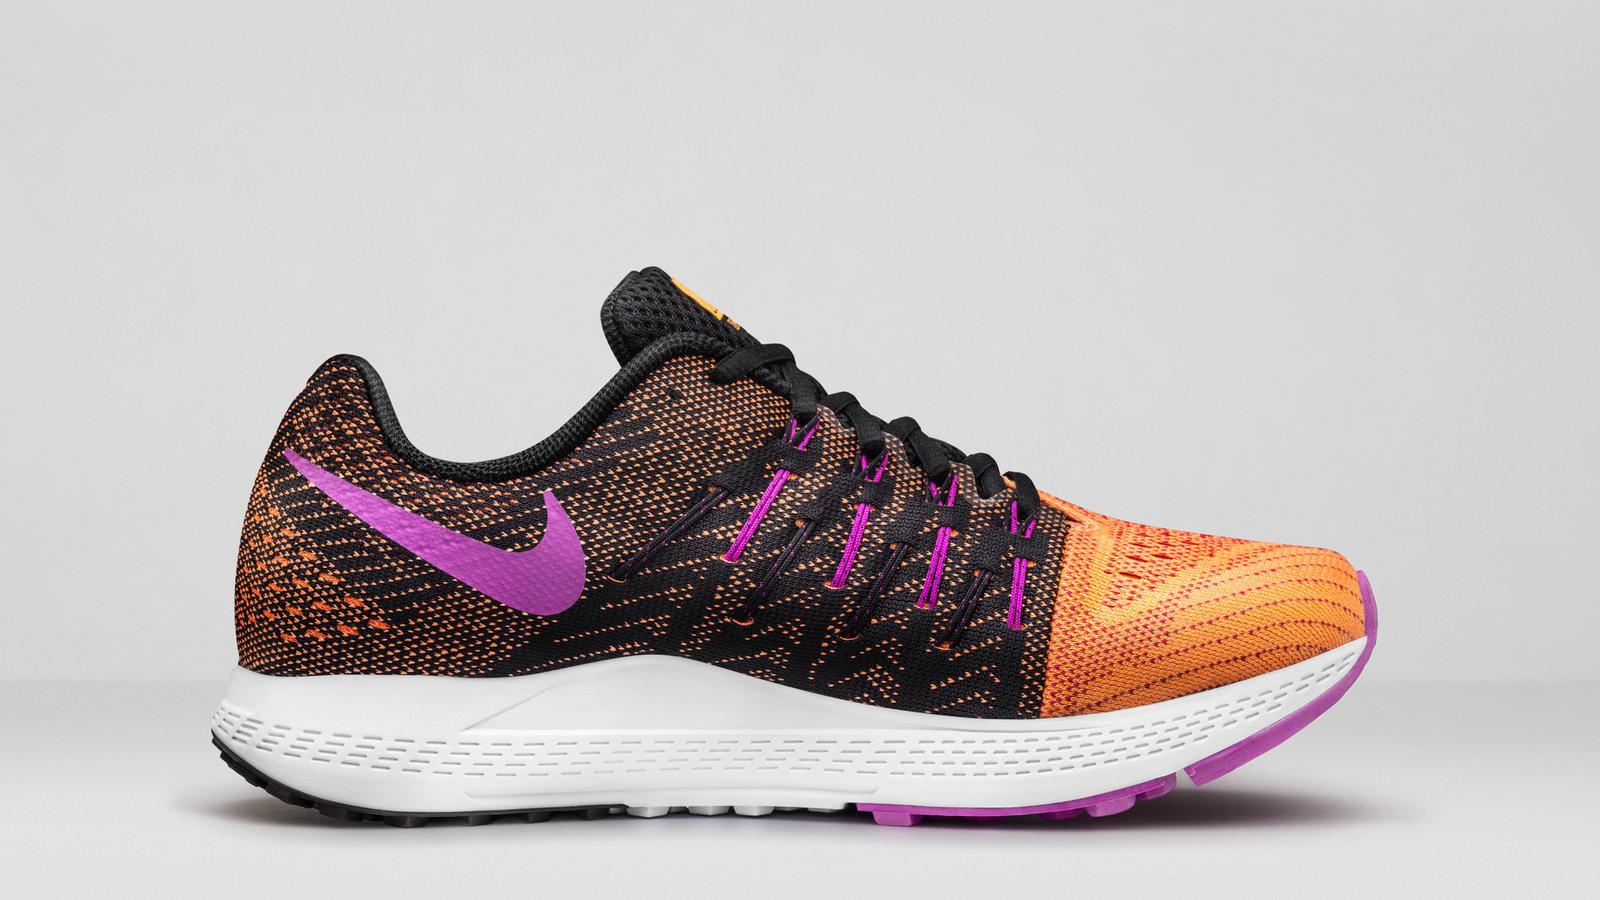 Women's Nike Air Zoom Elite 8 medial